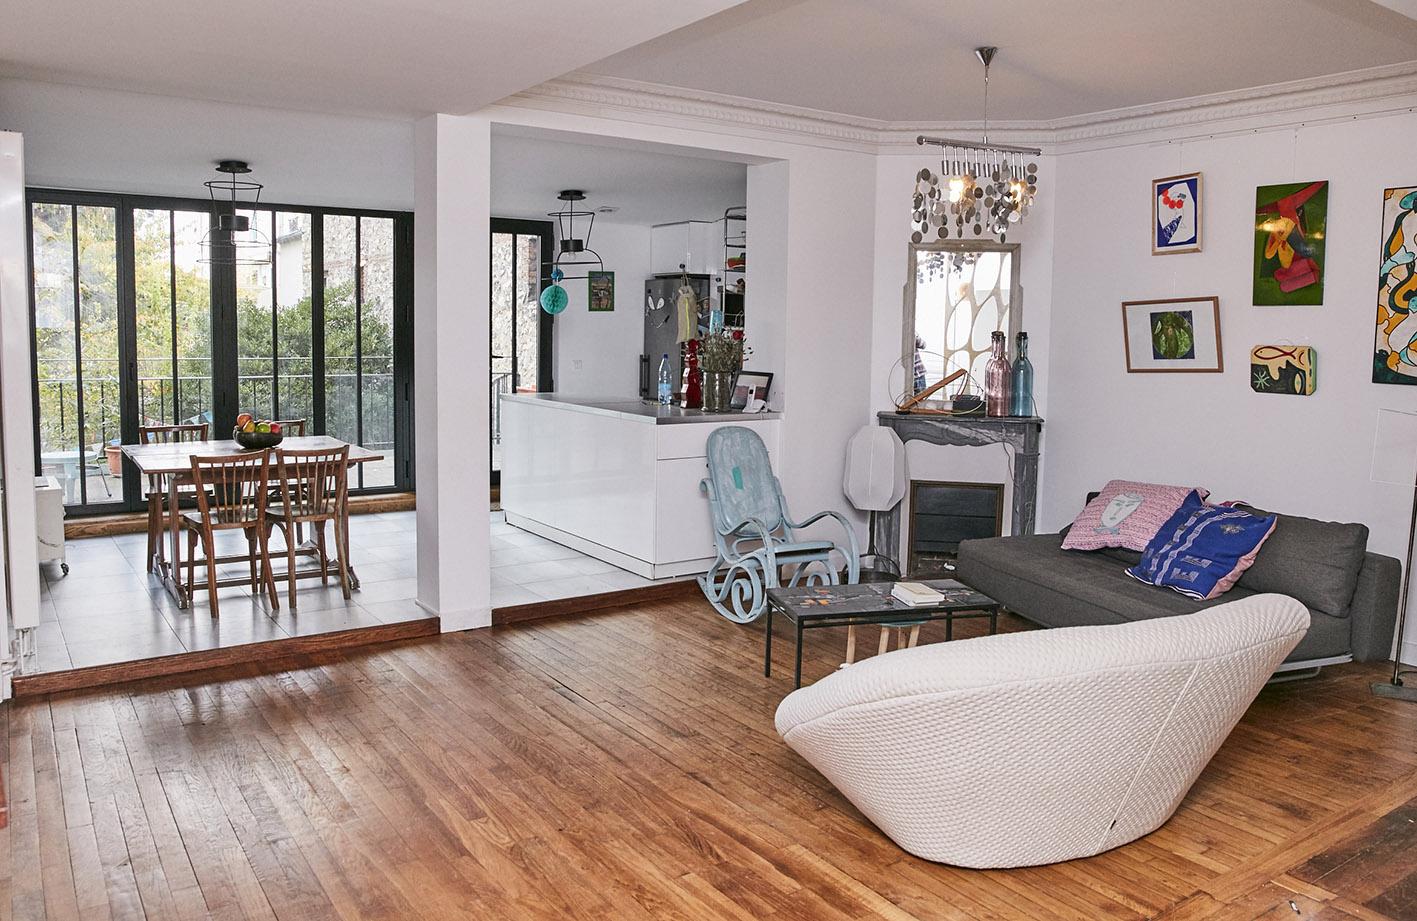 en appart 39 et l 39 immobilier vincennes fontenay sous bois montreuil et environs. Black Bedroom Furniture Sets. Home Design Ideas